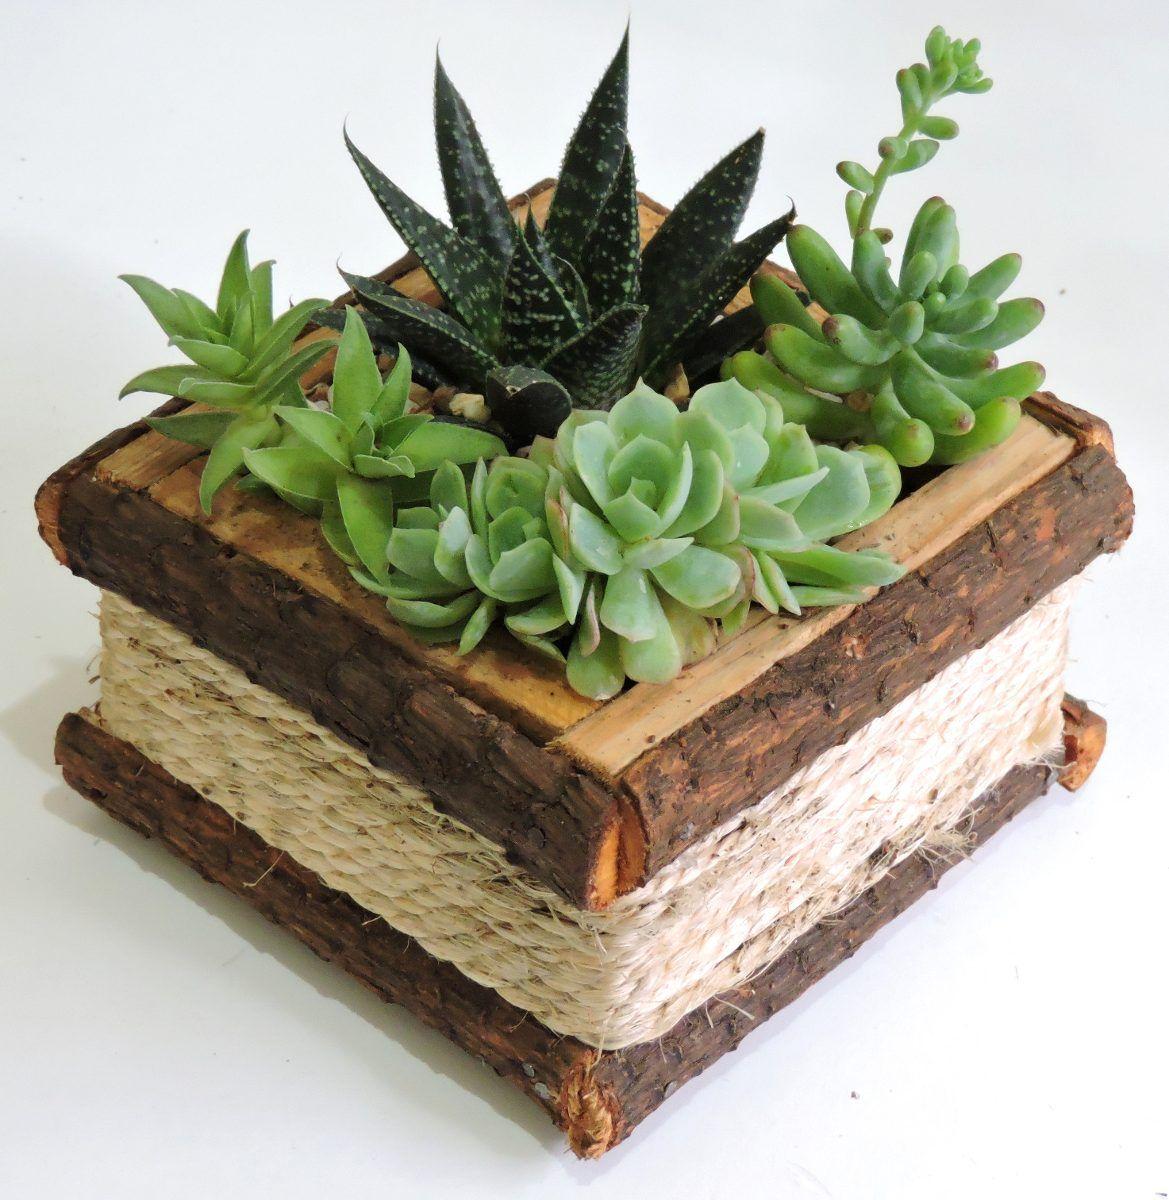 Centro de mesa plantas naturales recuerdo toda ocasi n - Centros de mesa naturales ...